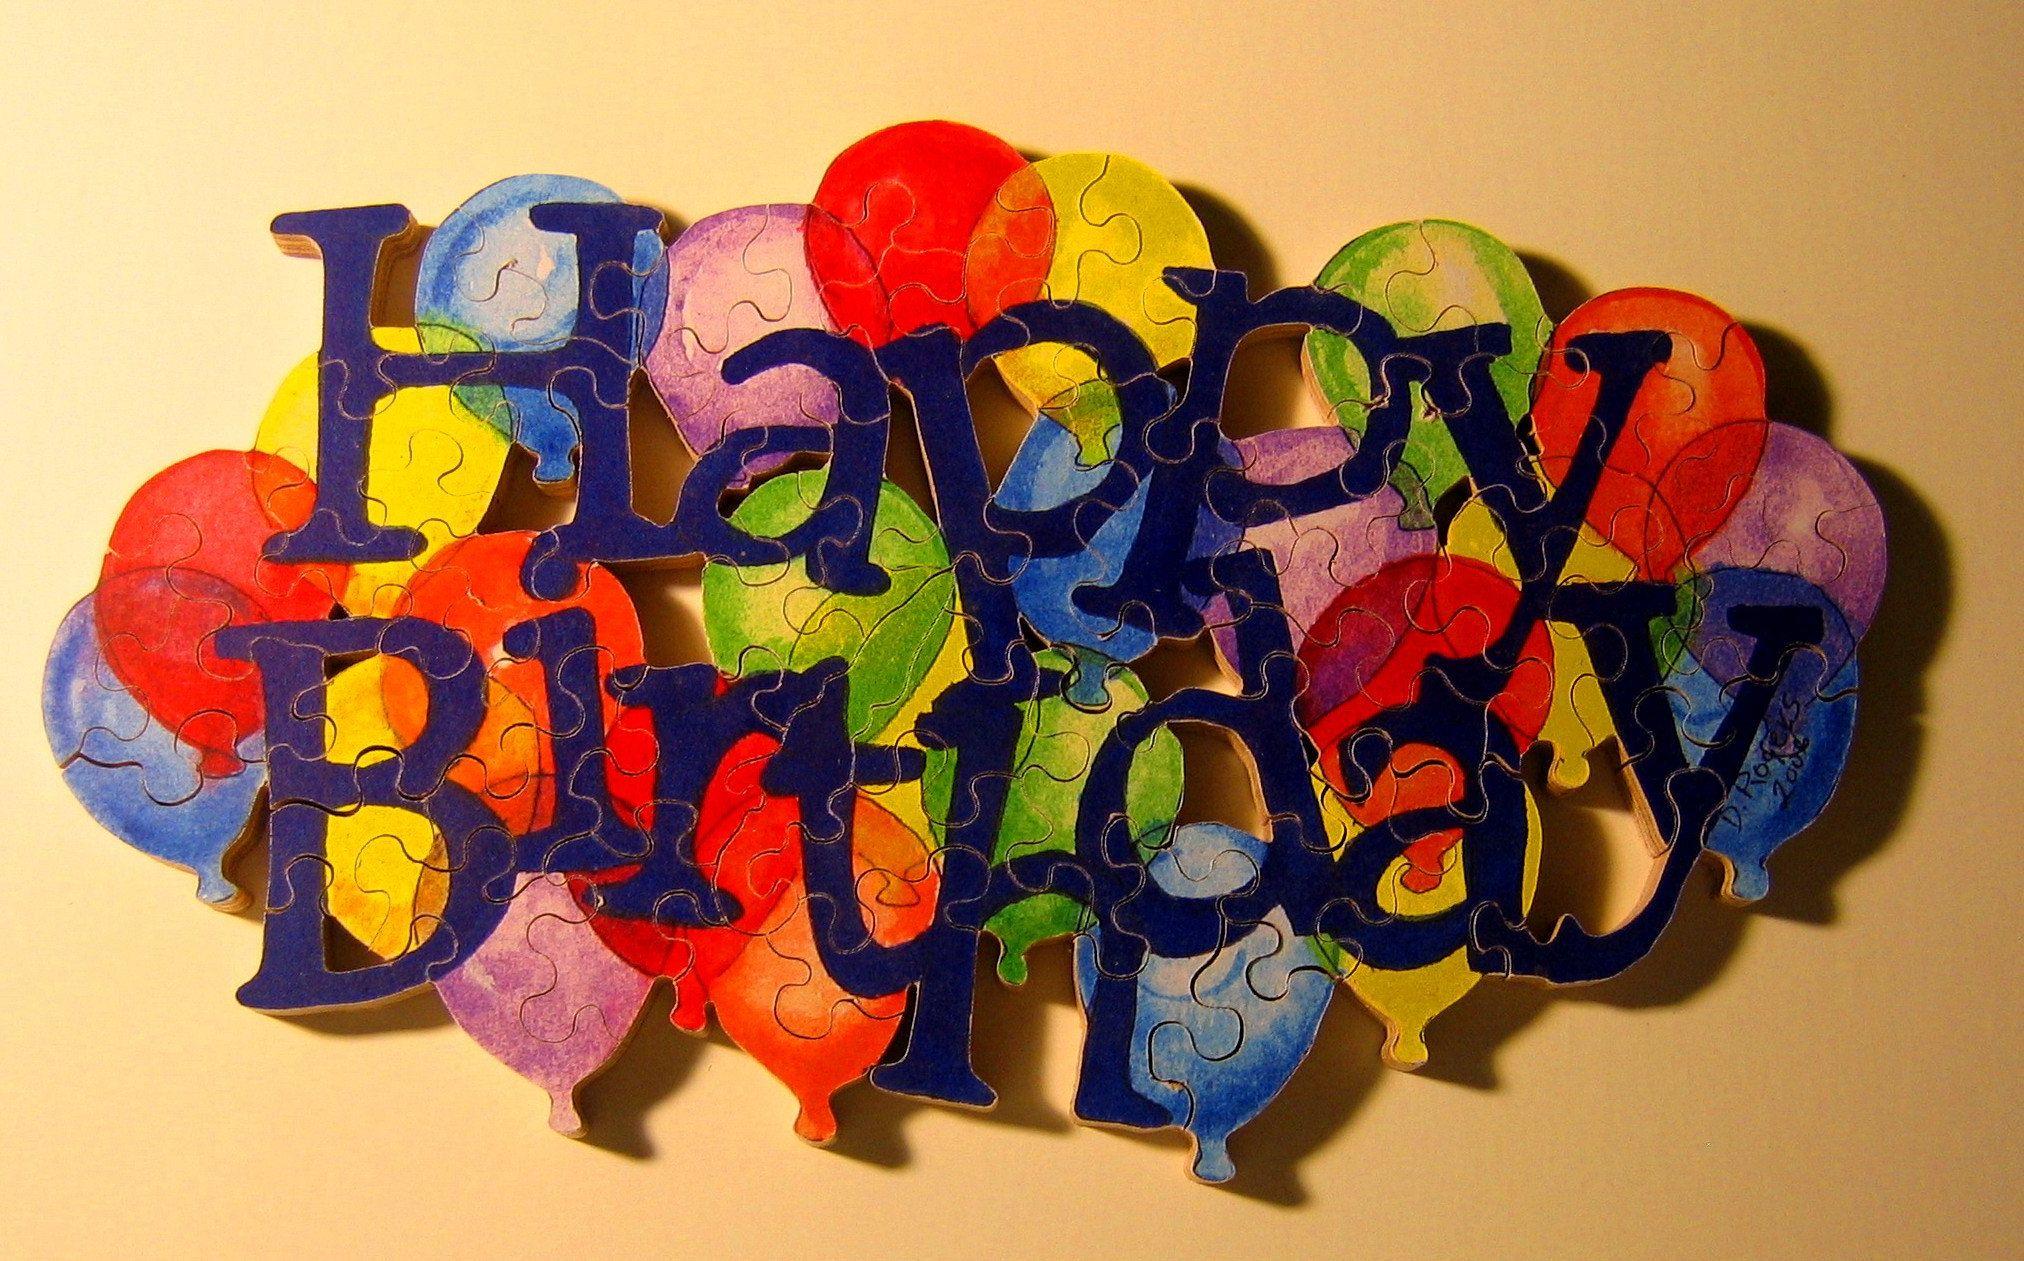 Открытки с днем рождения яркие креативные, открытки днем